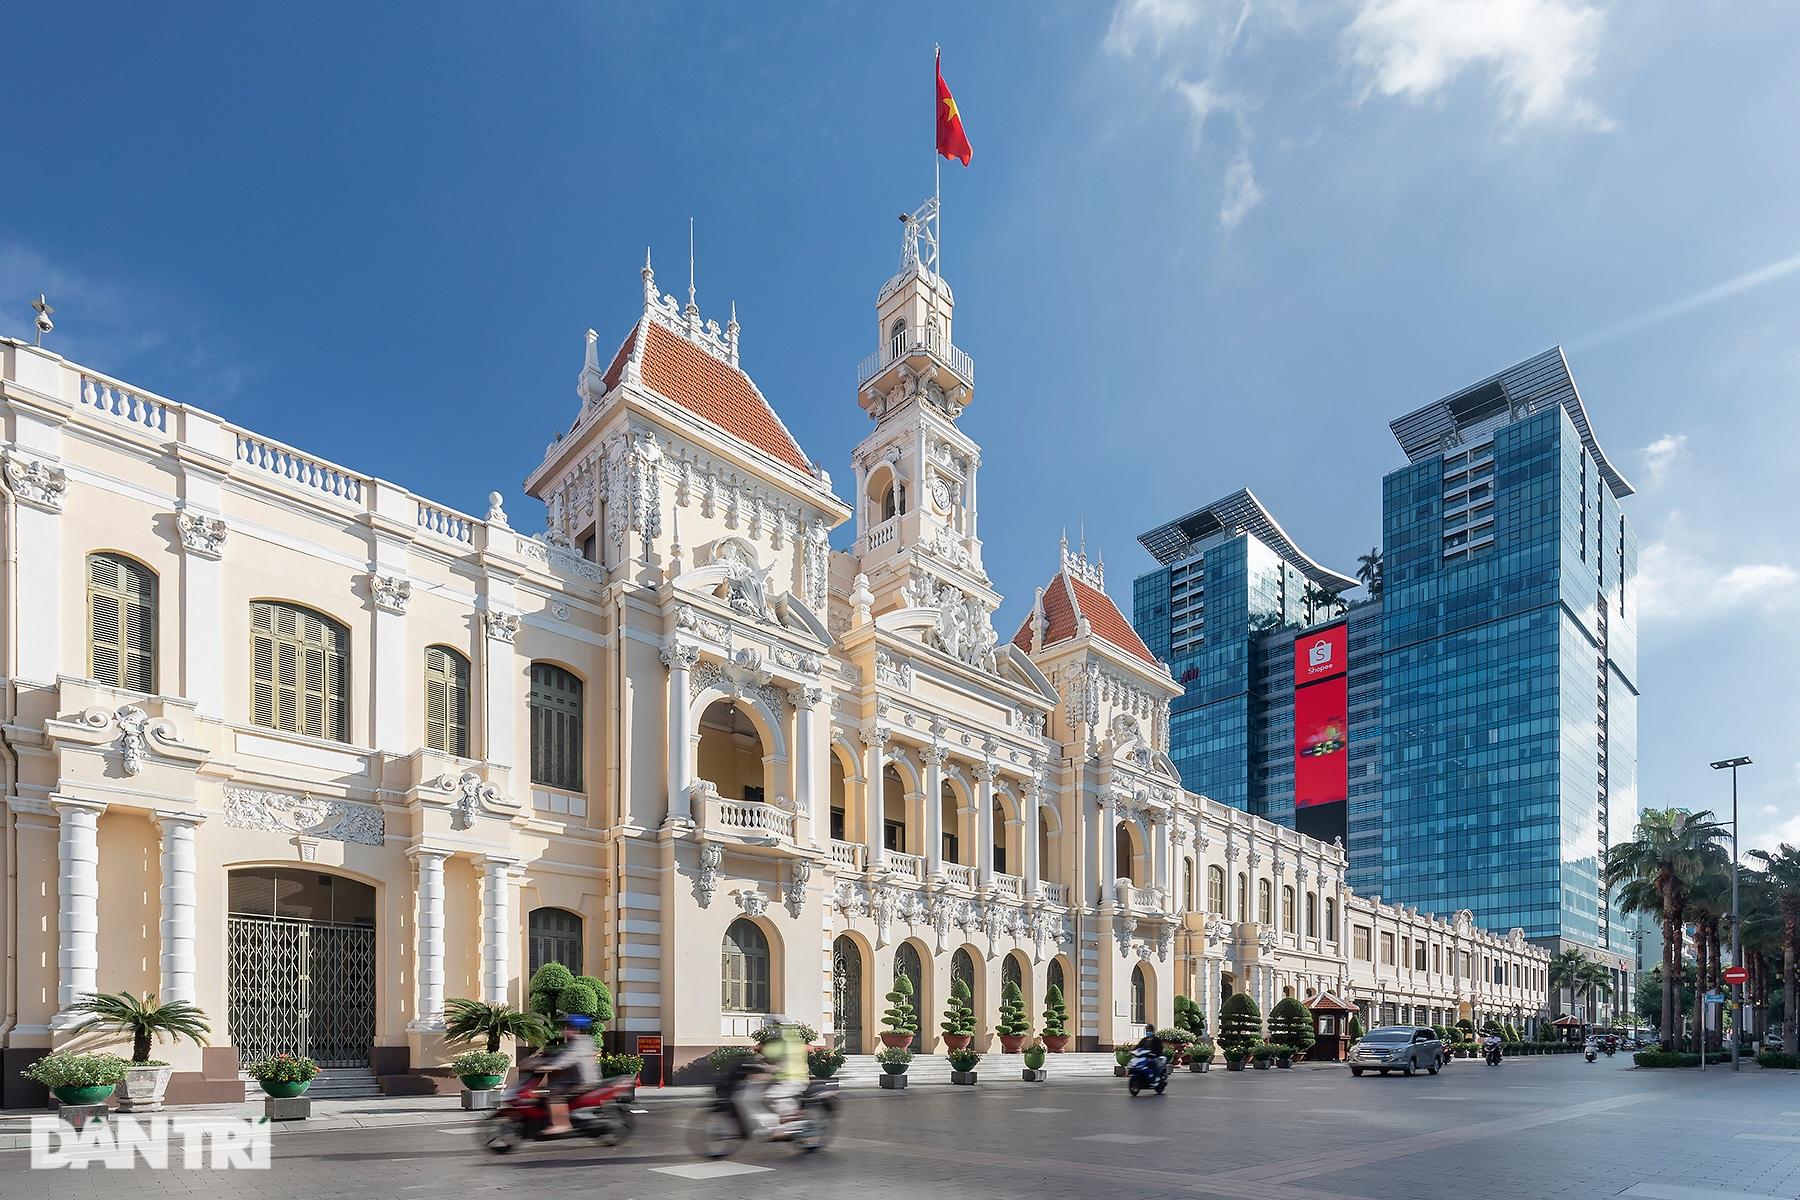 Thành phố Hồ Chí Minh - Vẻ đẹp của một Siêu đô thị hiện đại - 1